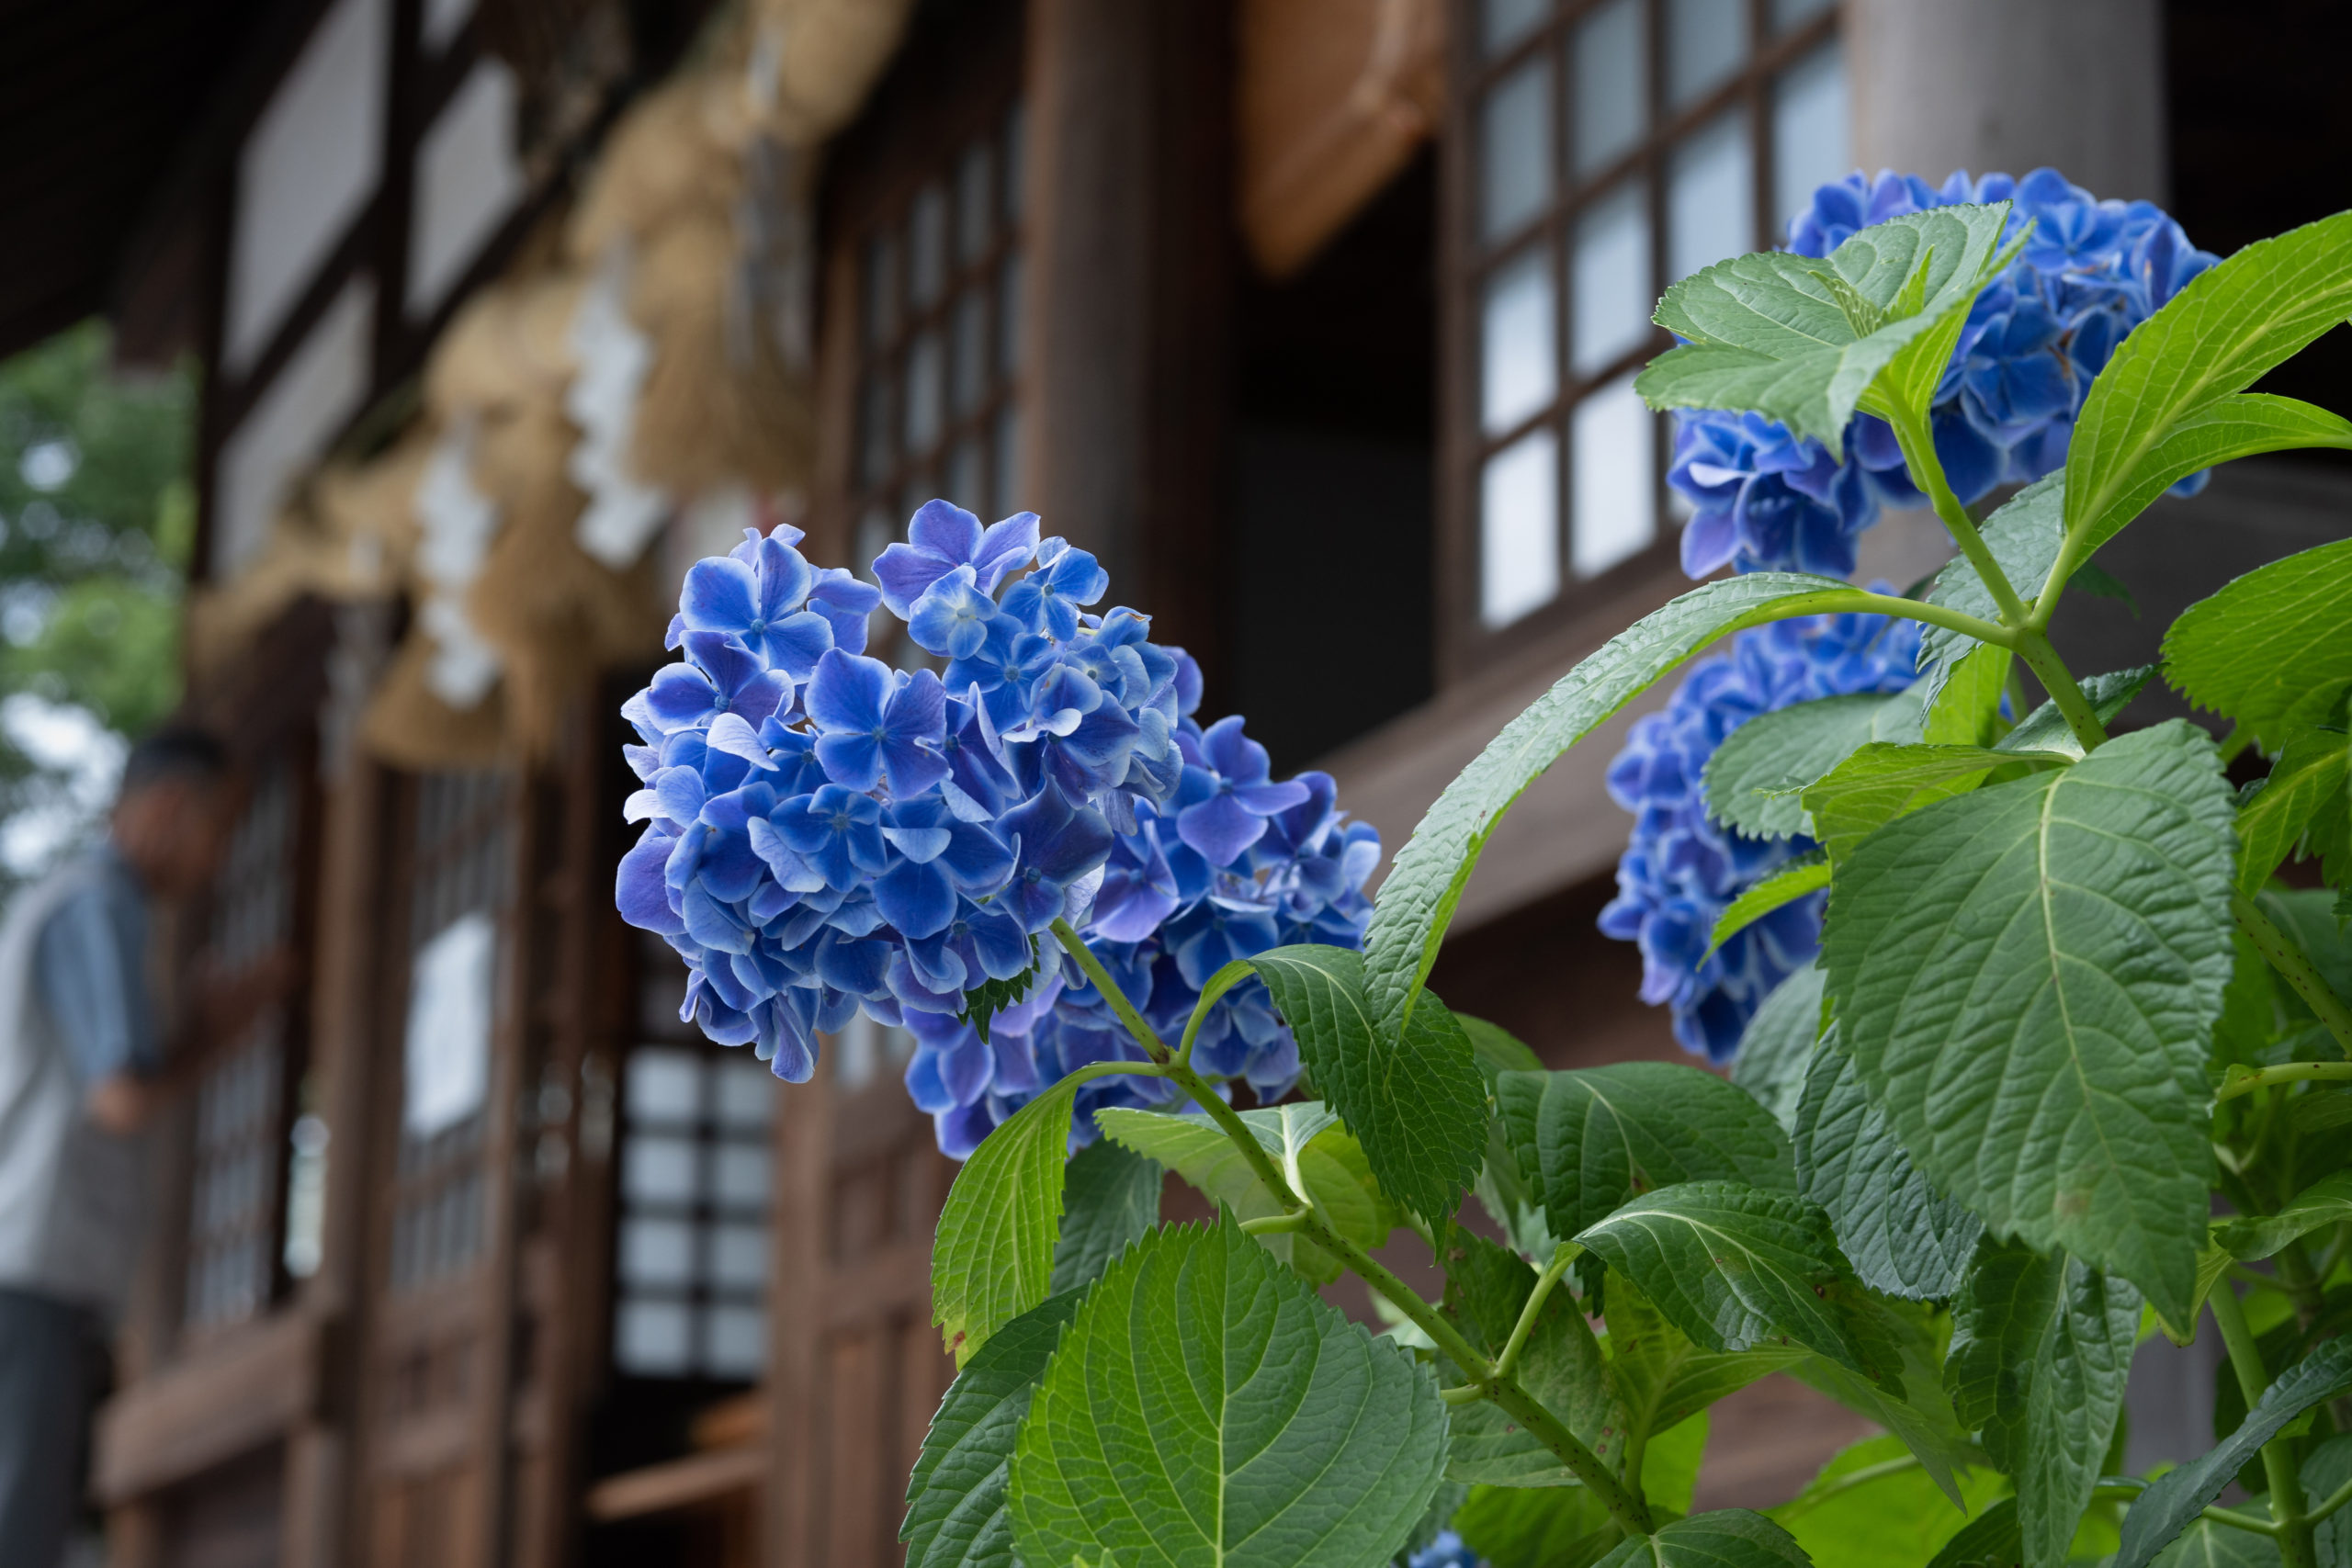 紫陽花と御裳神社に参拝する人